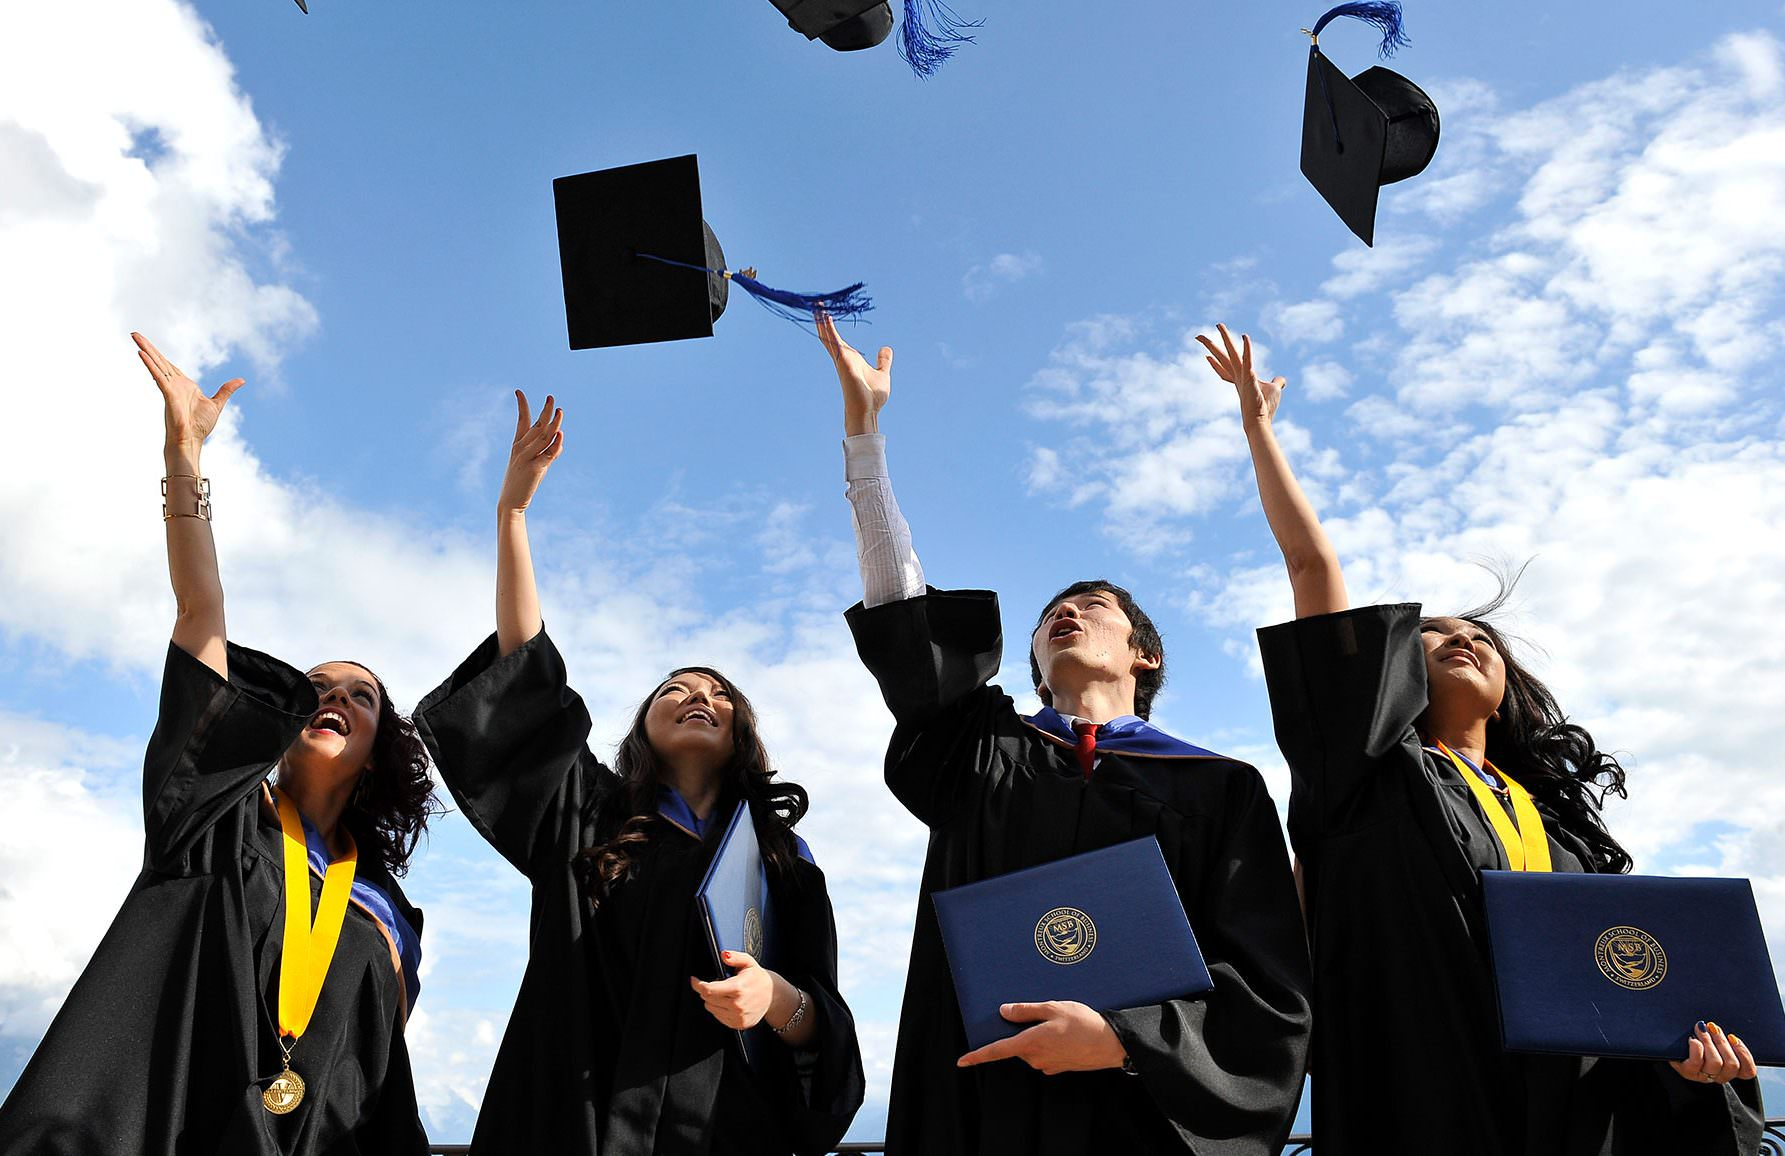 Бесплатное Образование учёба обучение в Чехии Праге